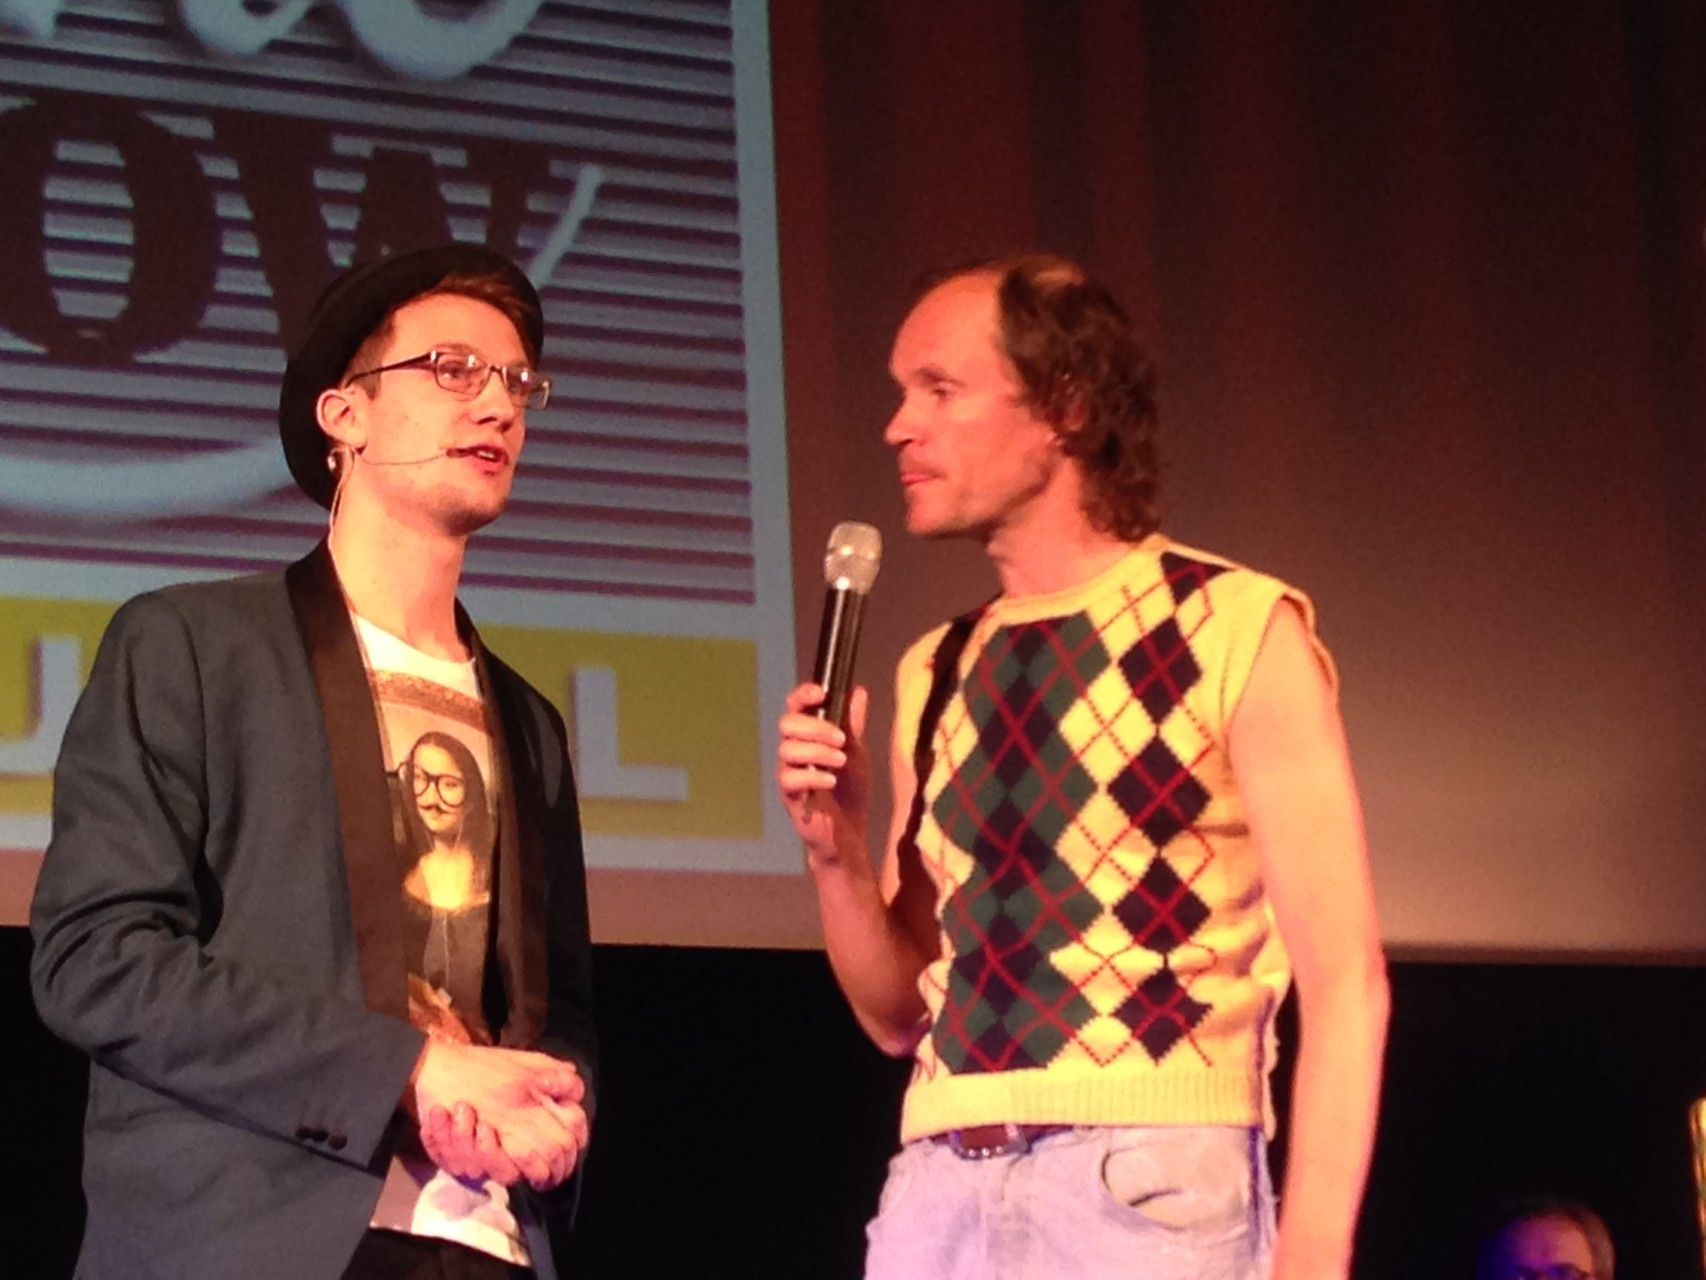 Dresdner Stadtrundshow mit Olaf Schubert 02.03.2015 -  auch Olaf Schubert war begeistert